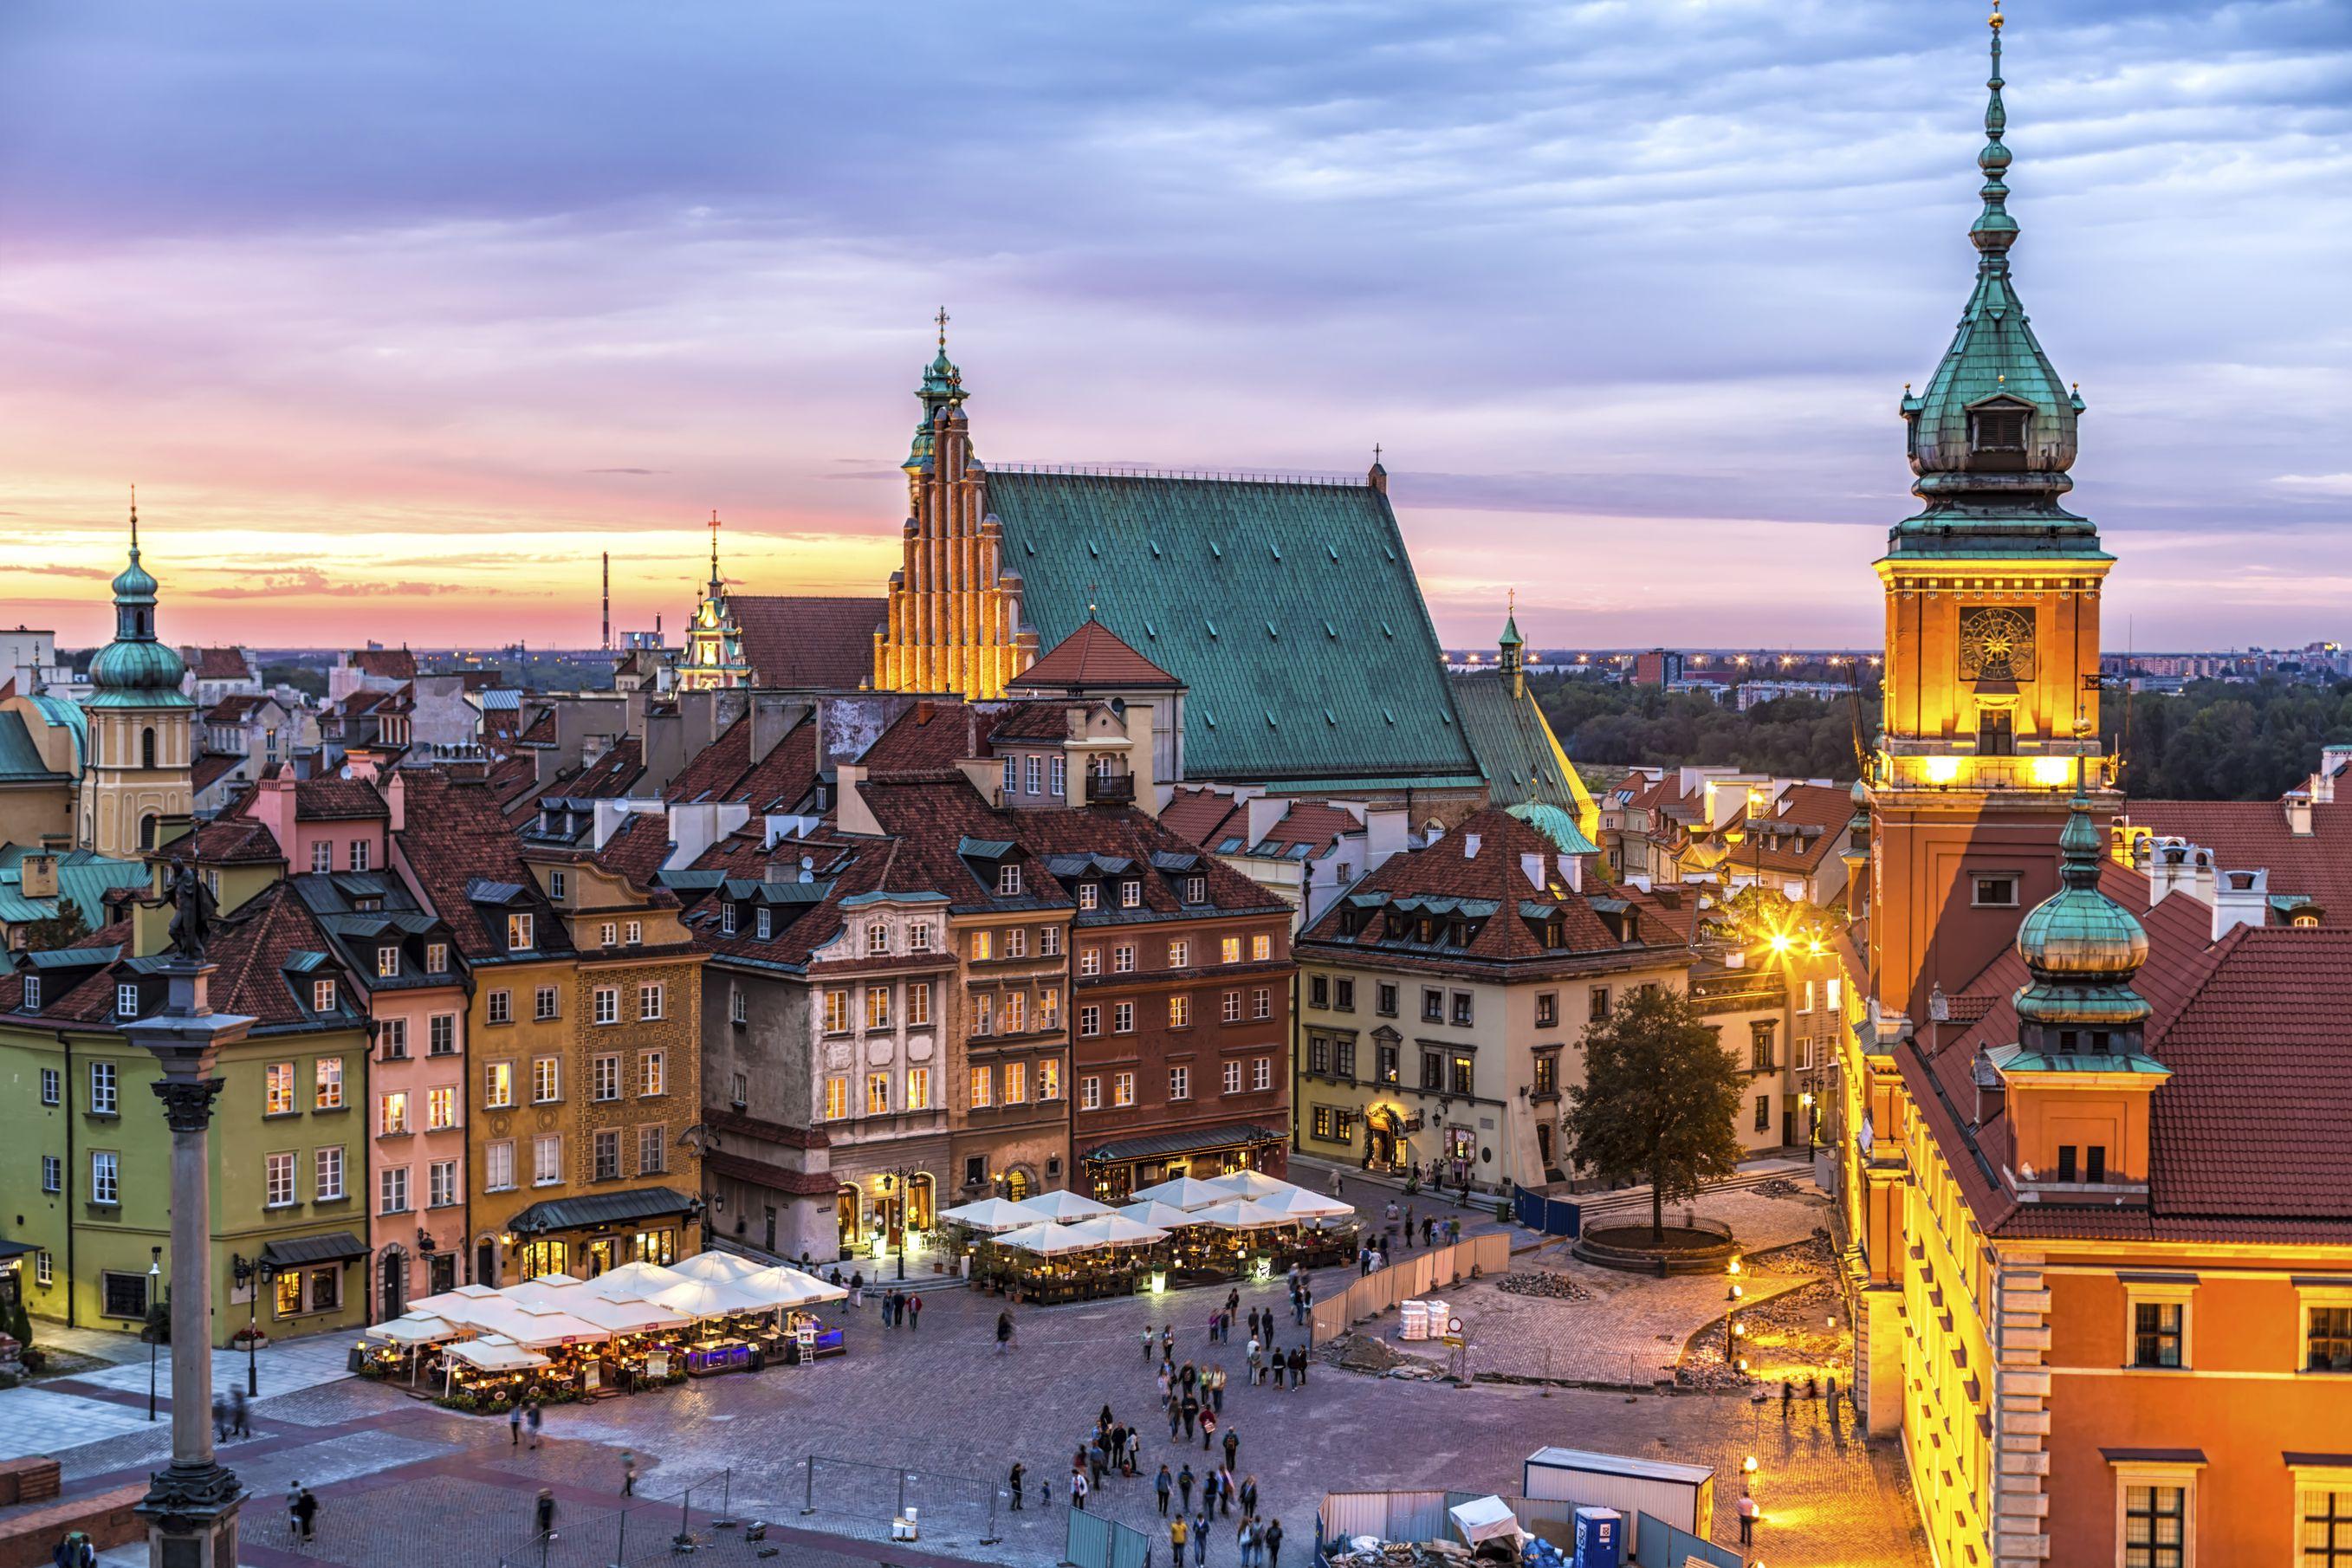 Ab nach Polen! Hin- und Rückflüge schon ab 4 € - Urlaubsheld | Dein Urlaubsportal